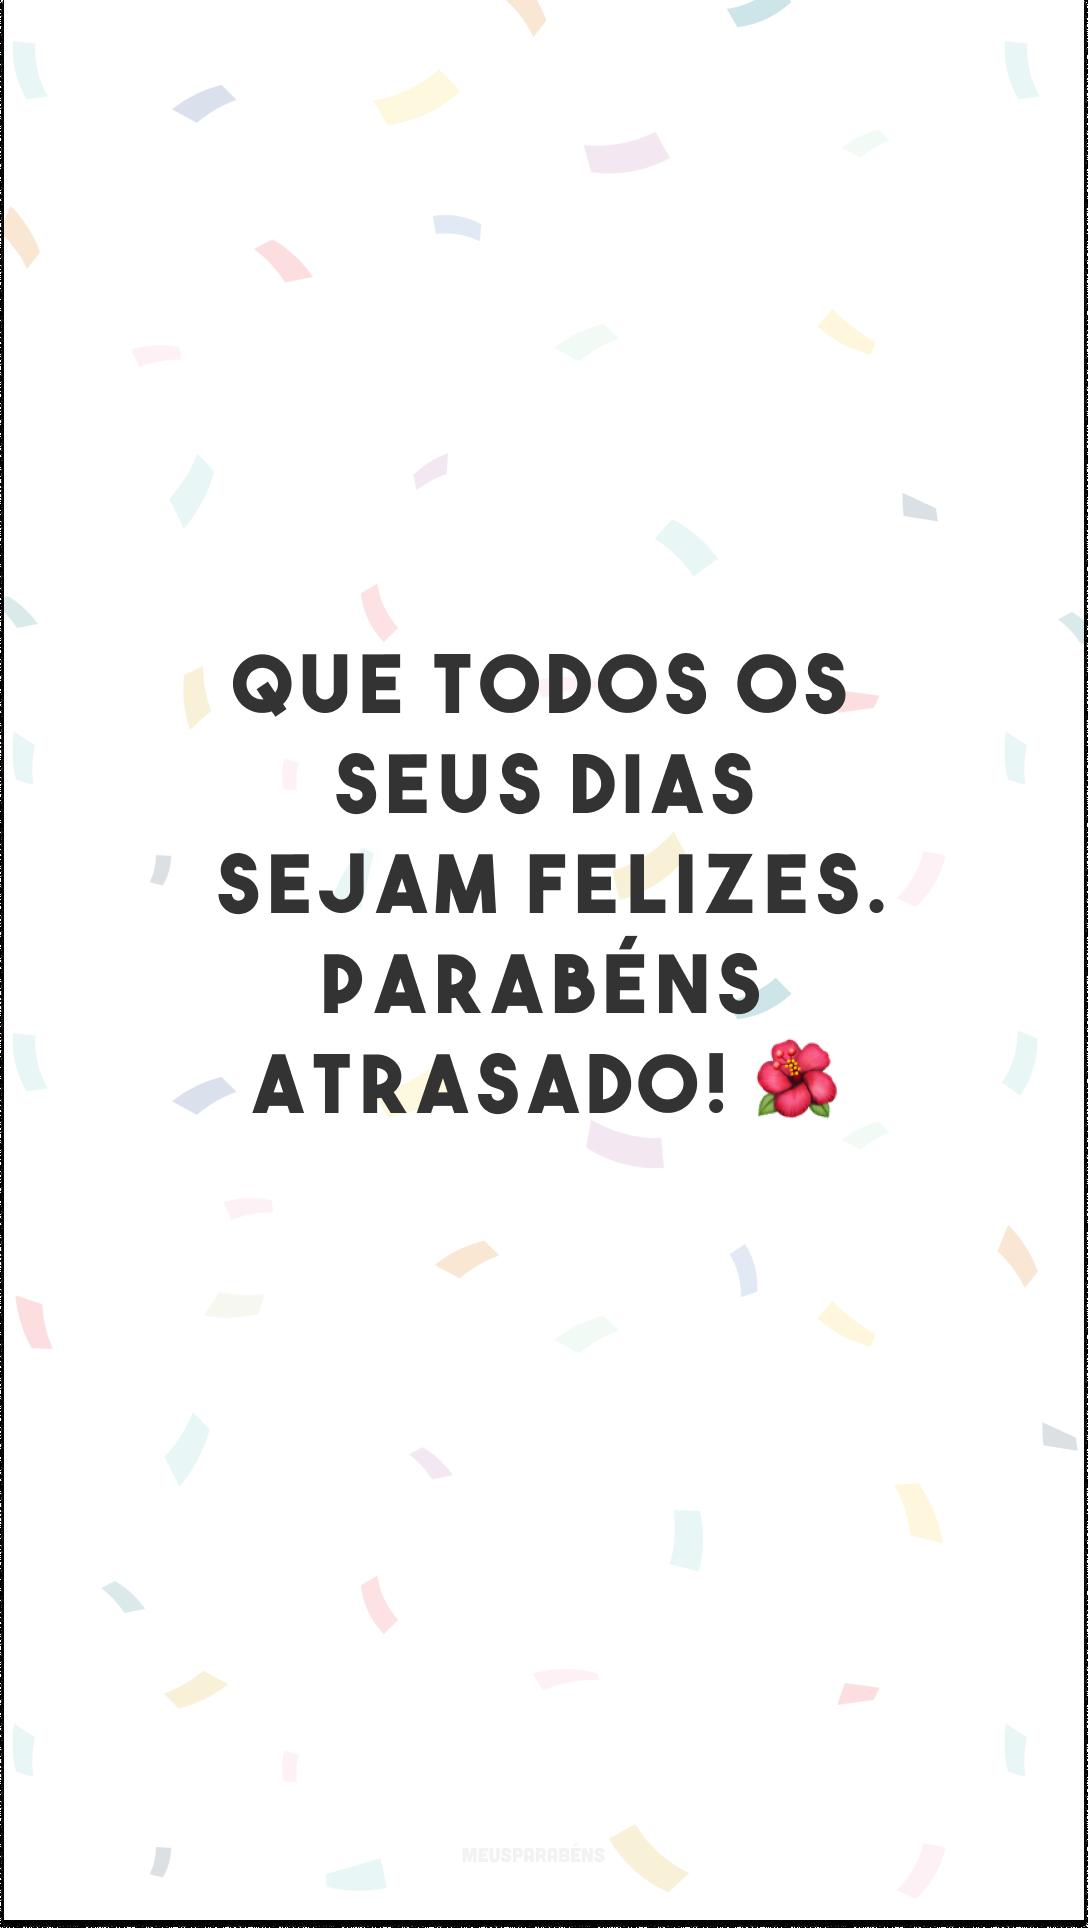 Que todos os seus dias sejam felizes. Parabéns atrasado! 🌺